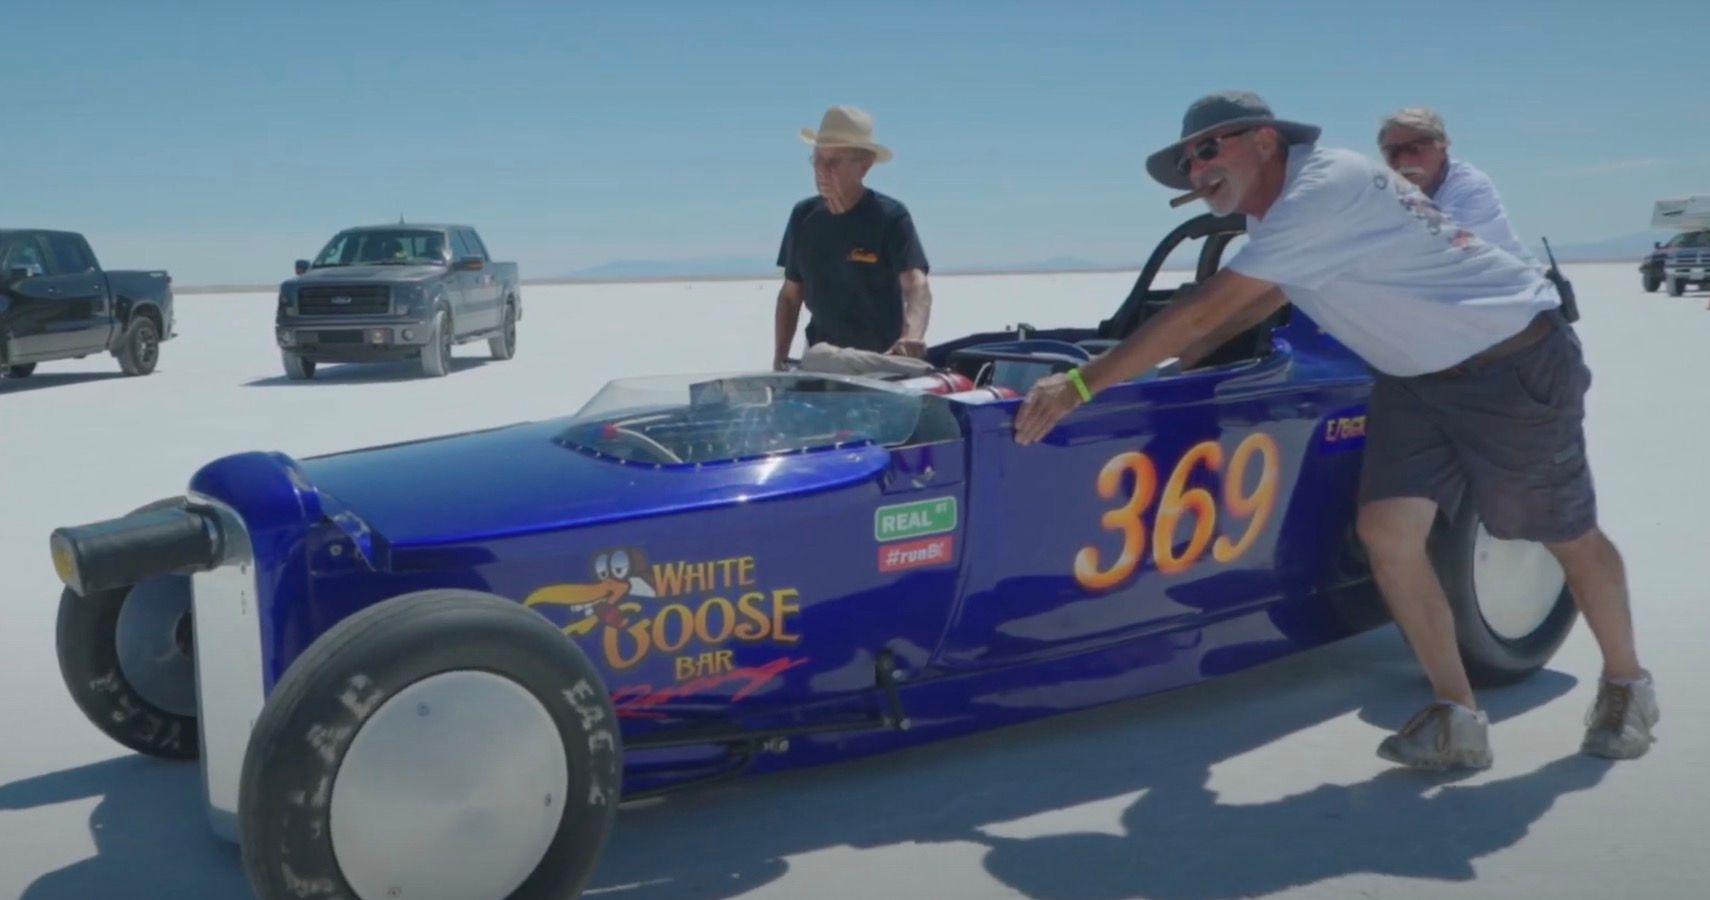 Watch This 2JZ Roadster Notch An Impressive 263 MPH Run At Bonneville Salt Flats